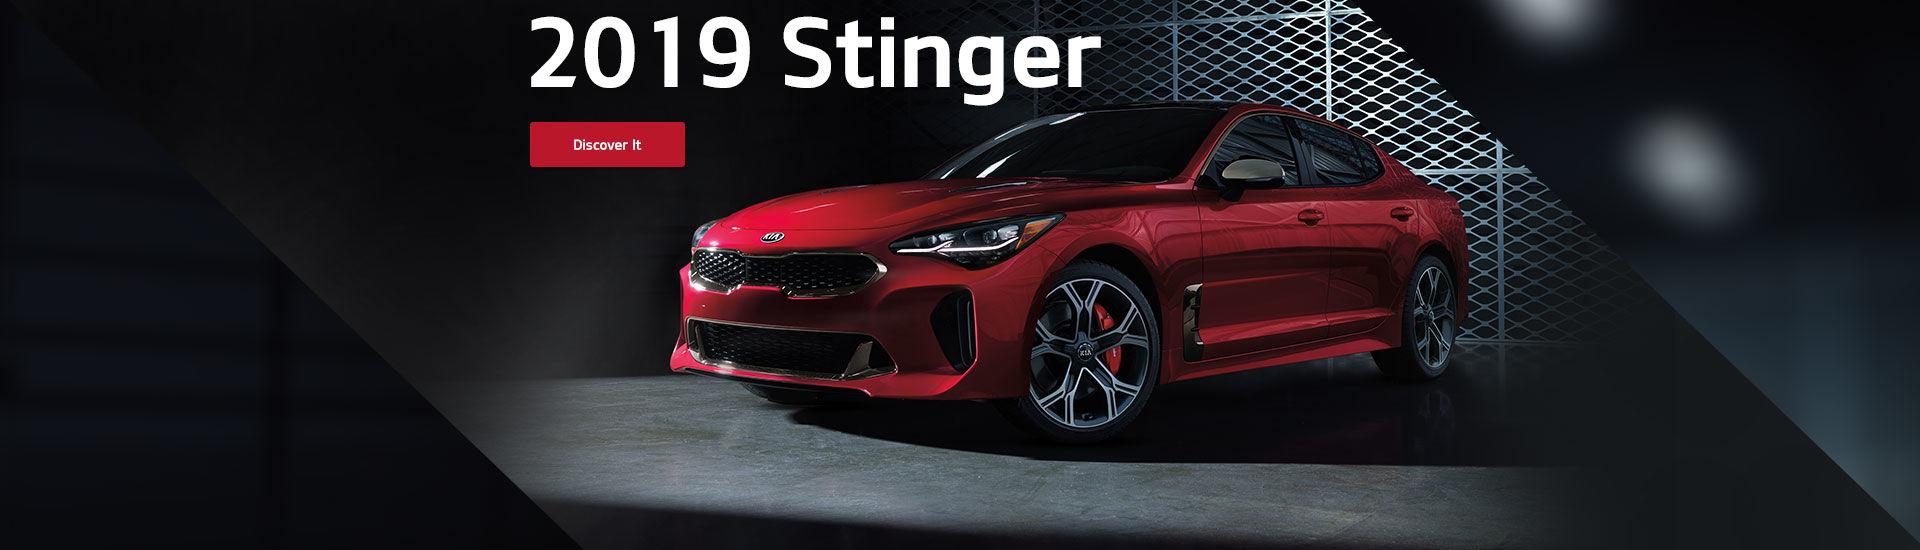 2019 Stinger